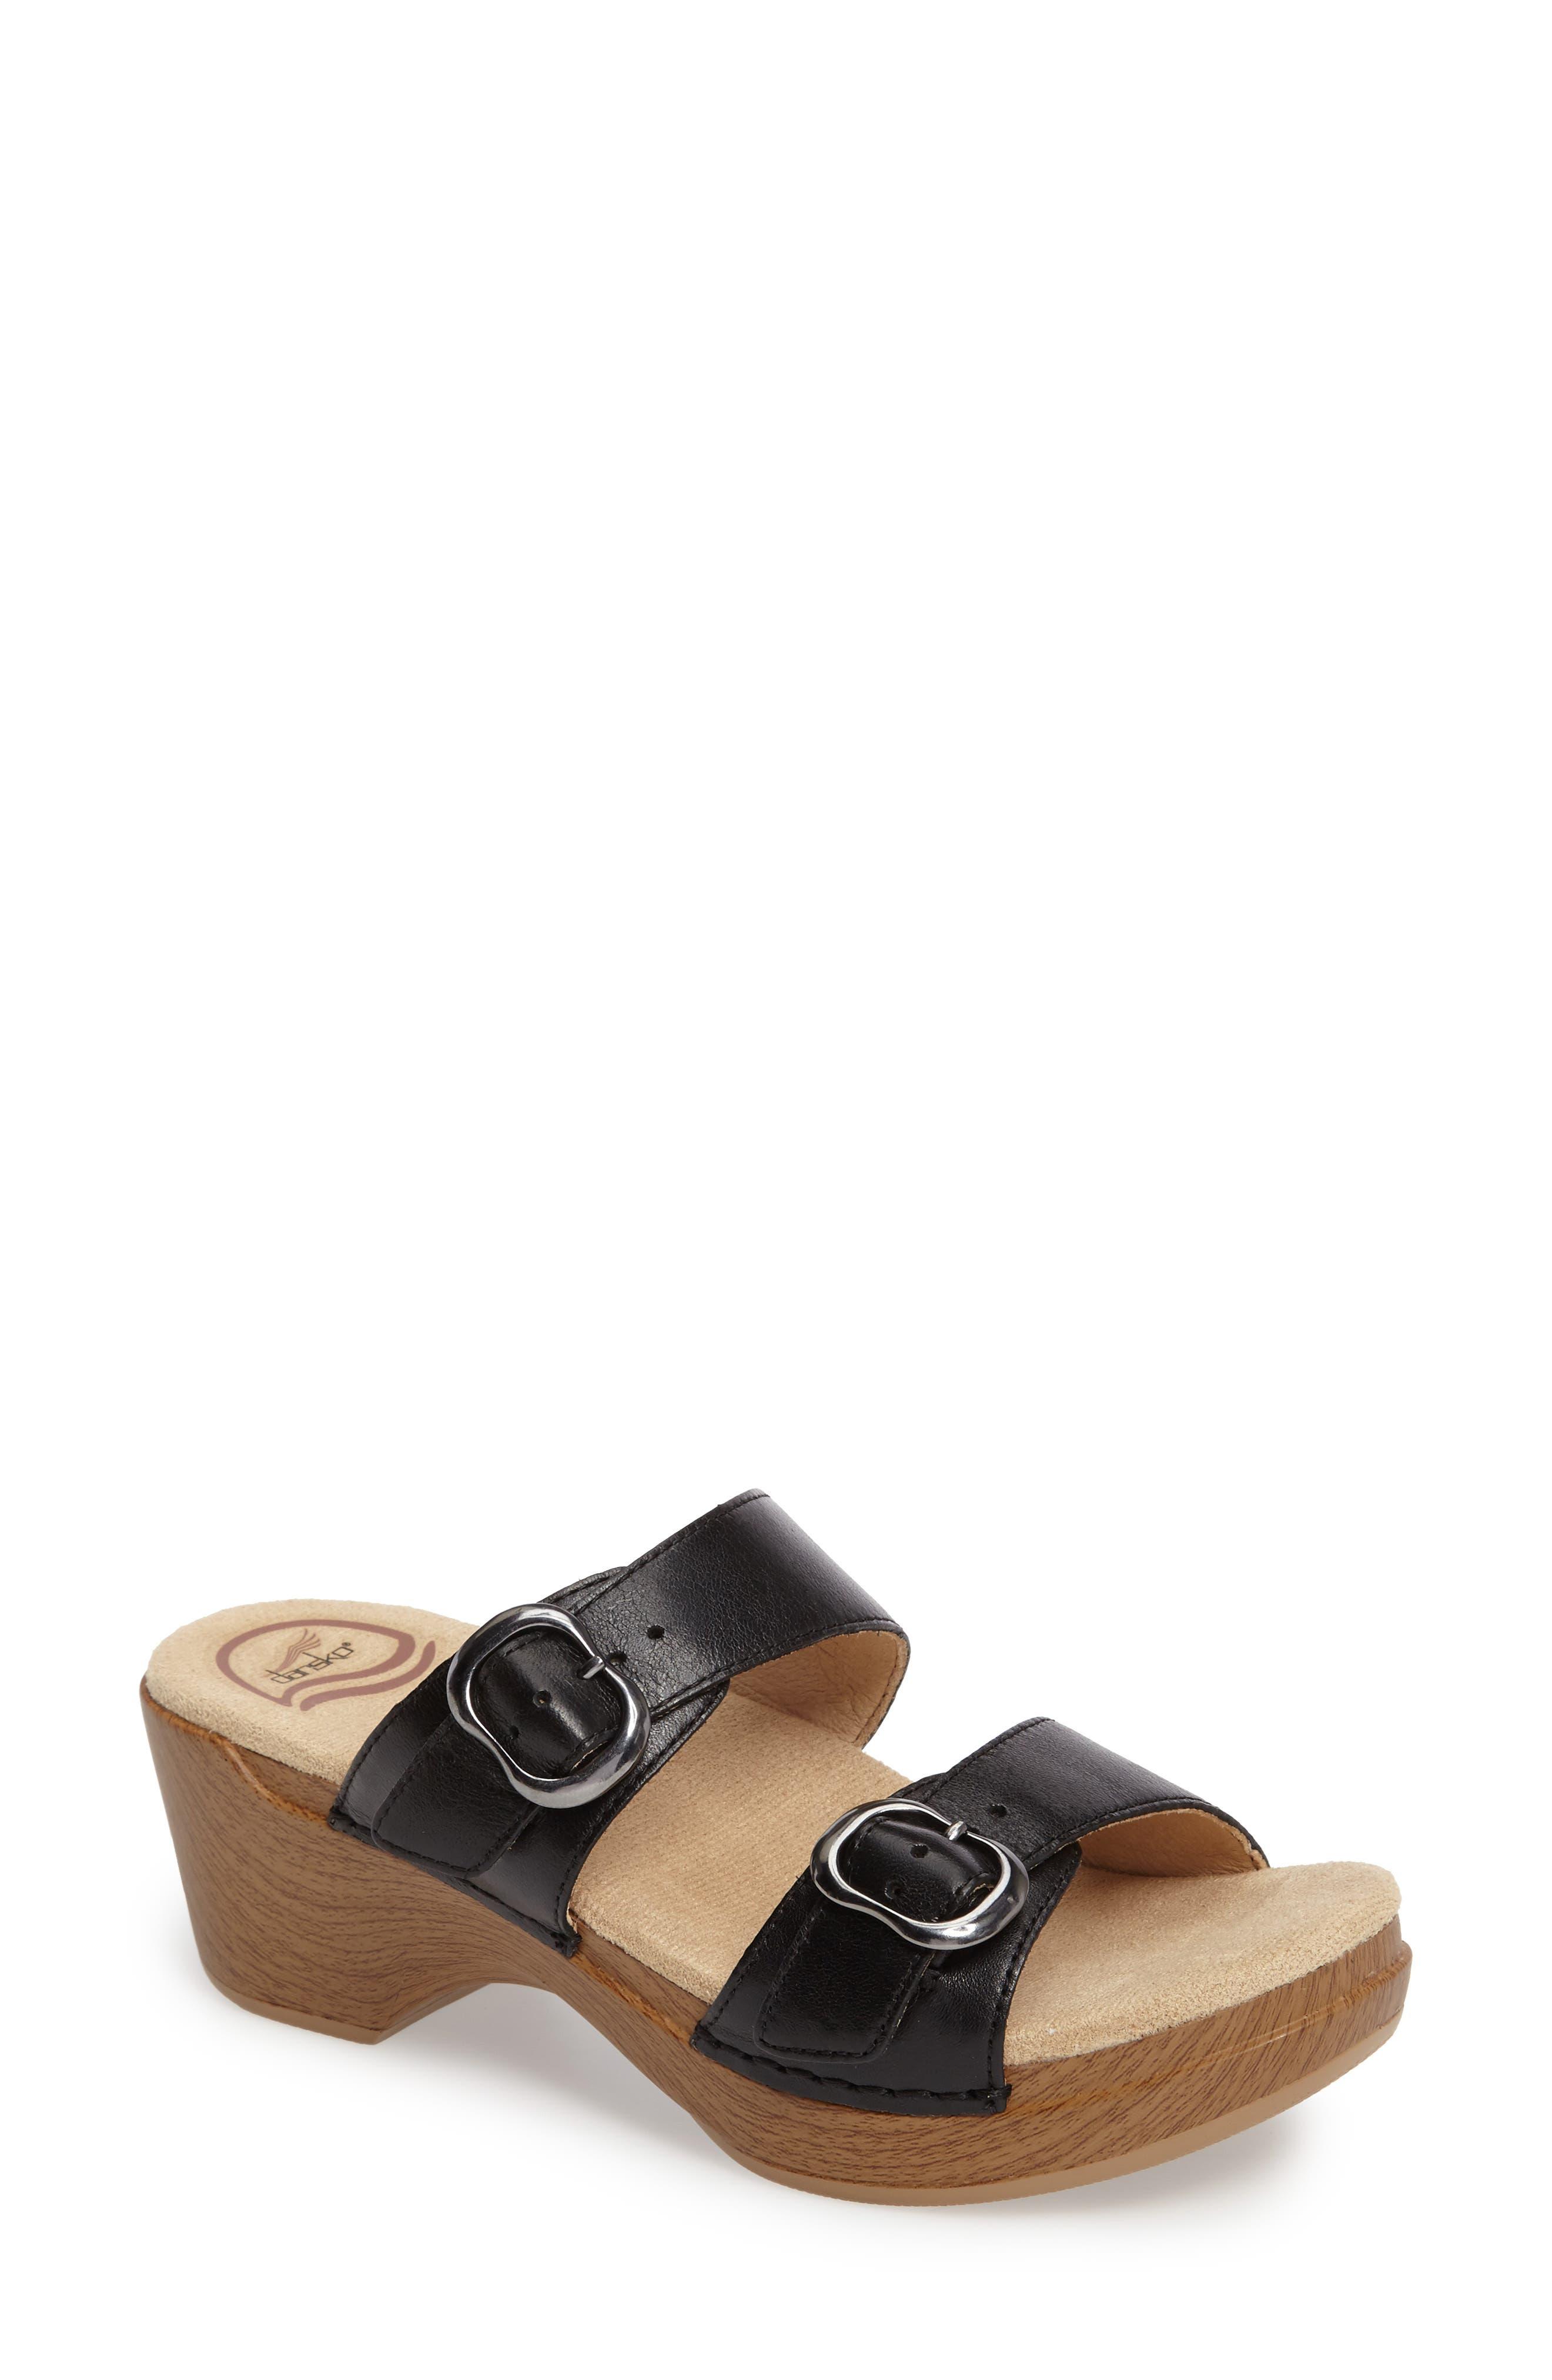 'Sophie' Sandal,                         Main,                         color, Black Full Grain Leather